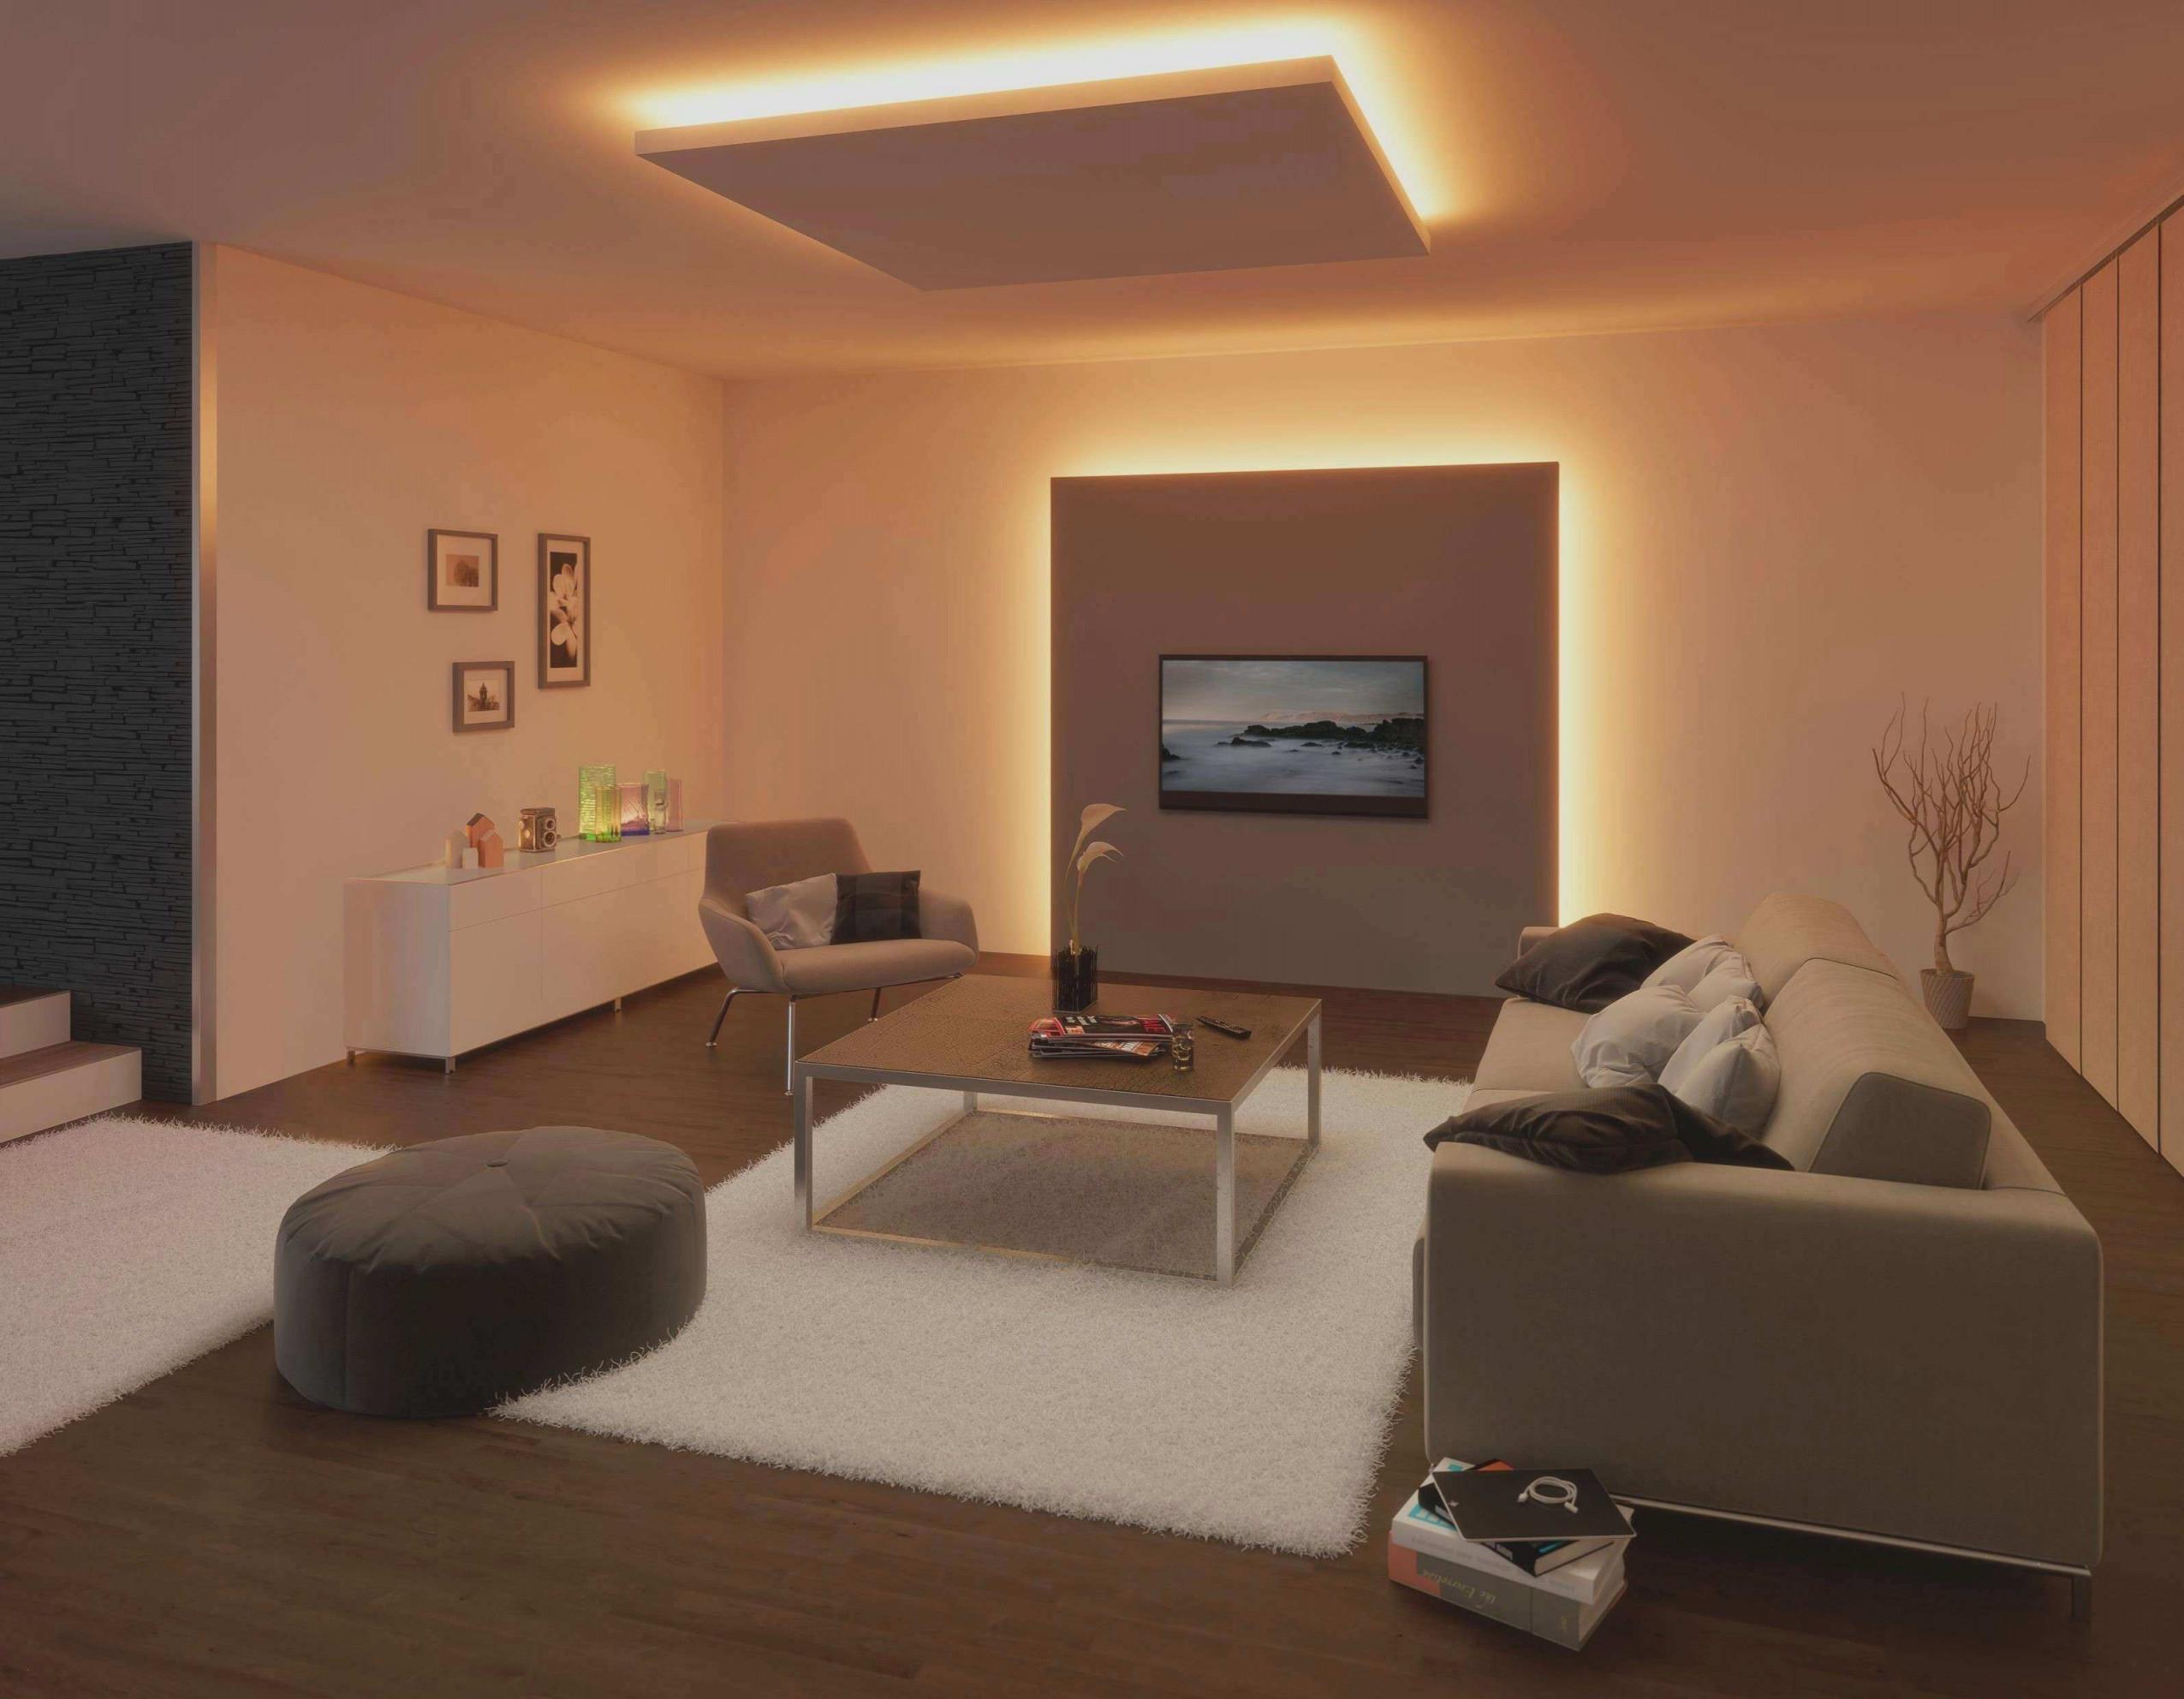 Wandverkleidung Wohnzimmer Modern Elegant Wandverkleidung von Wandverkleidung Ideen Wohnzimmer Photo